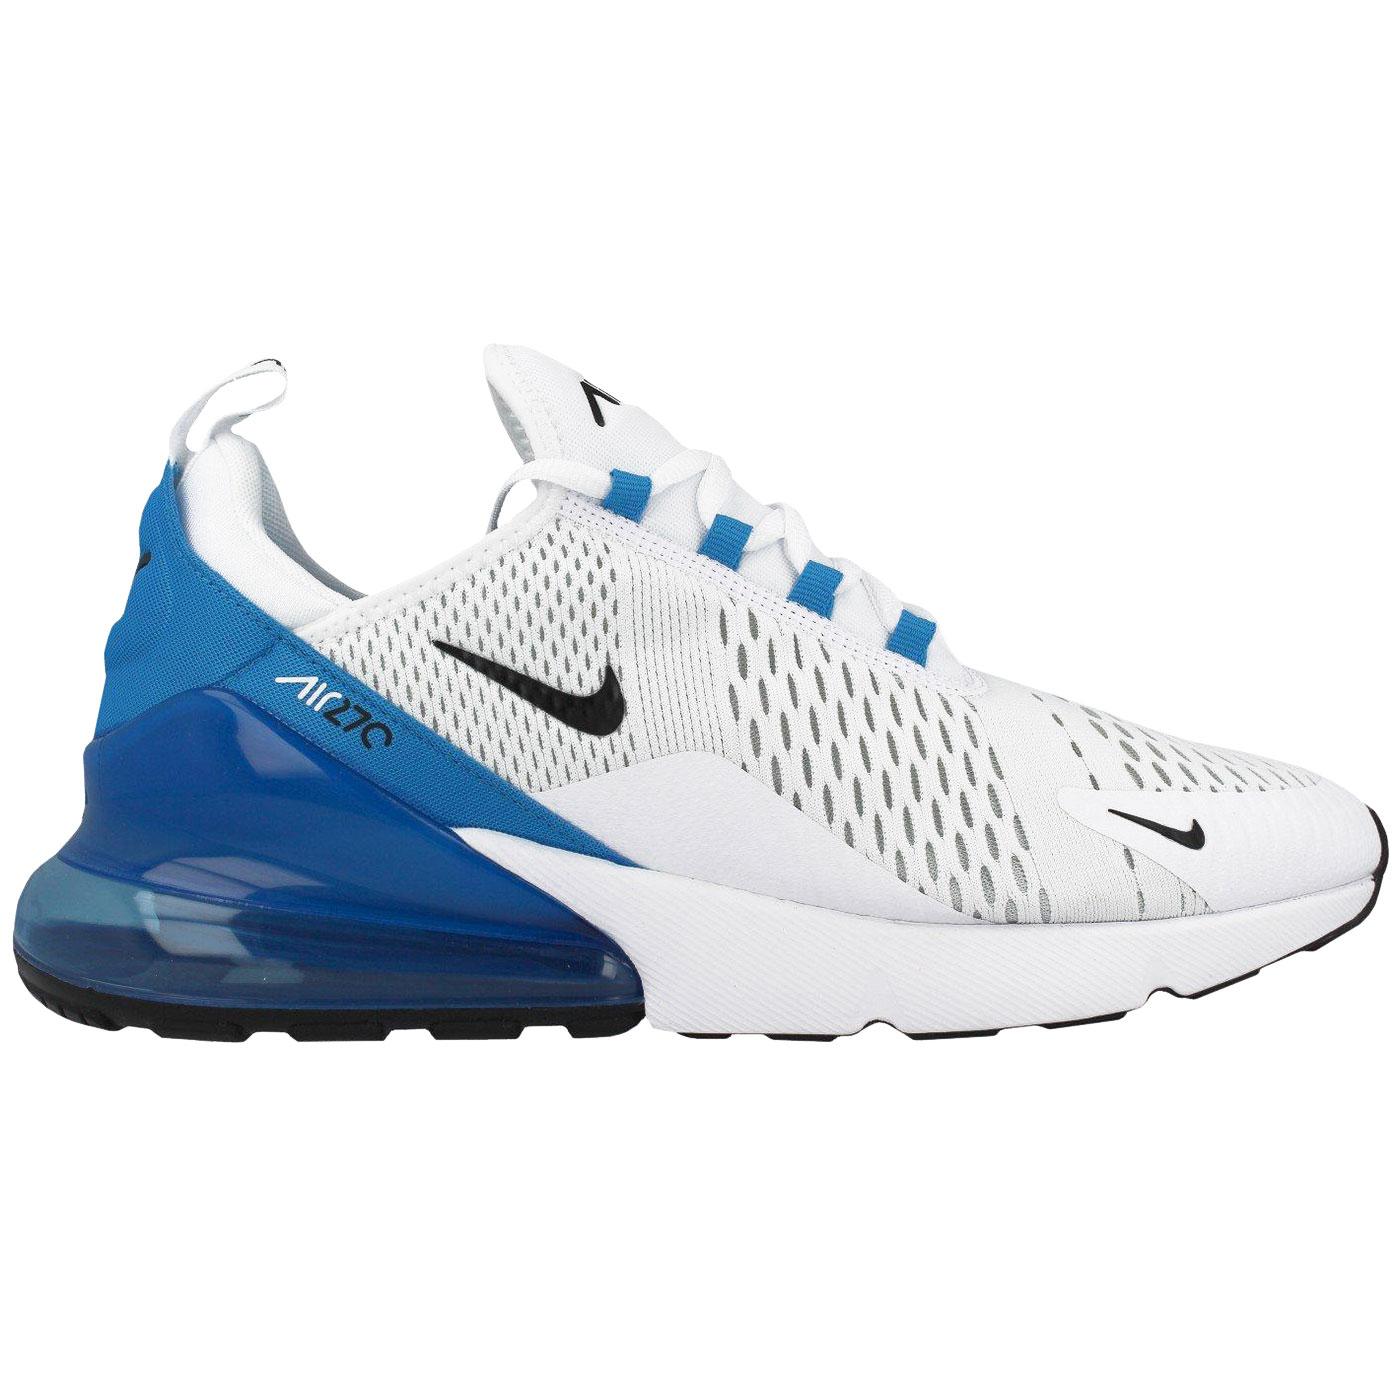 Nike Air Max 270 Herren Sneaker weiß blau AH8050 110